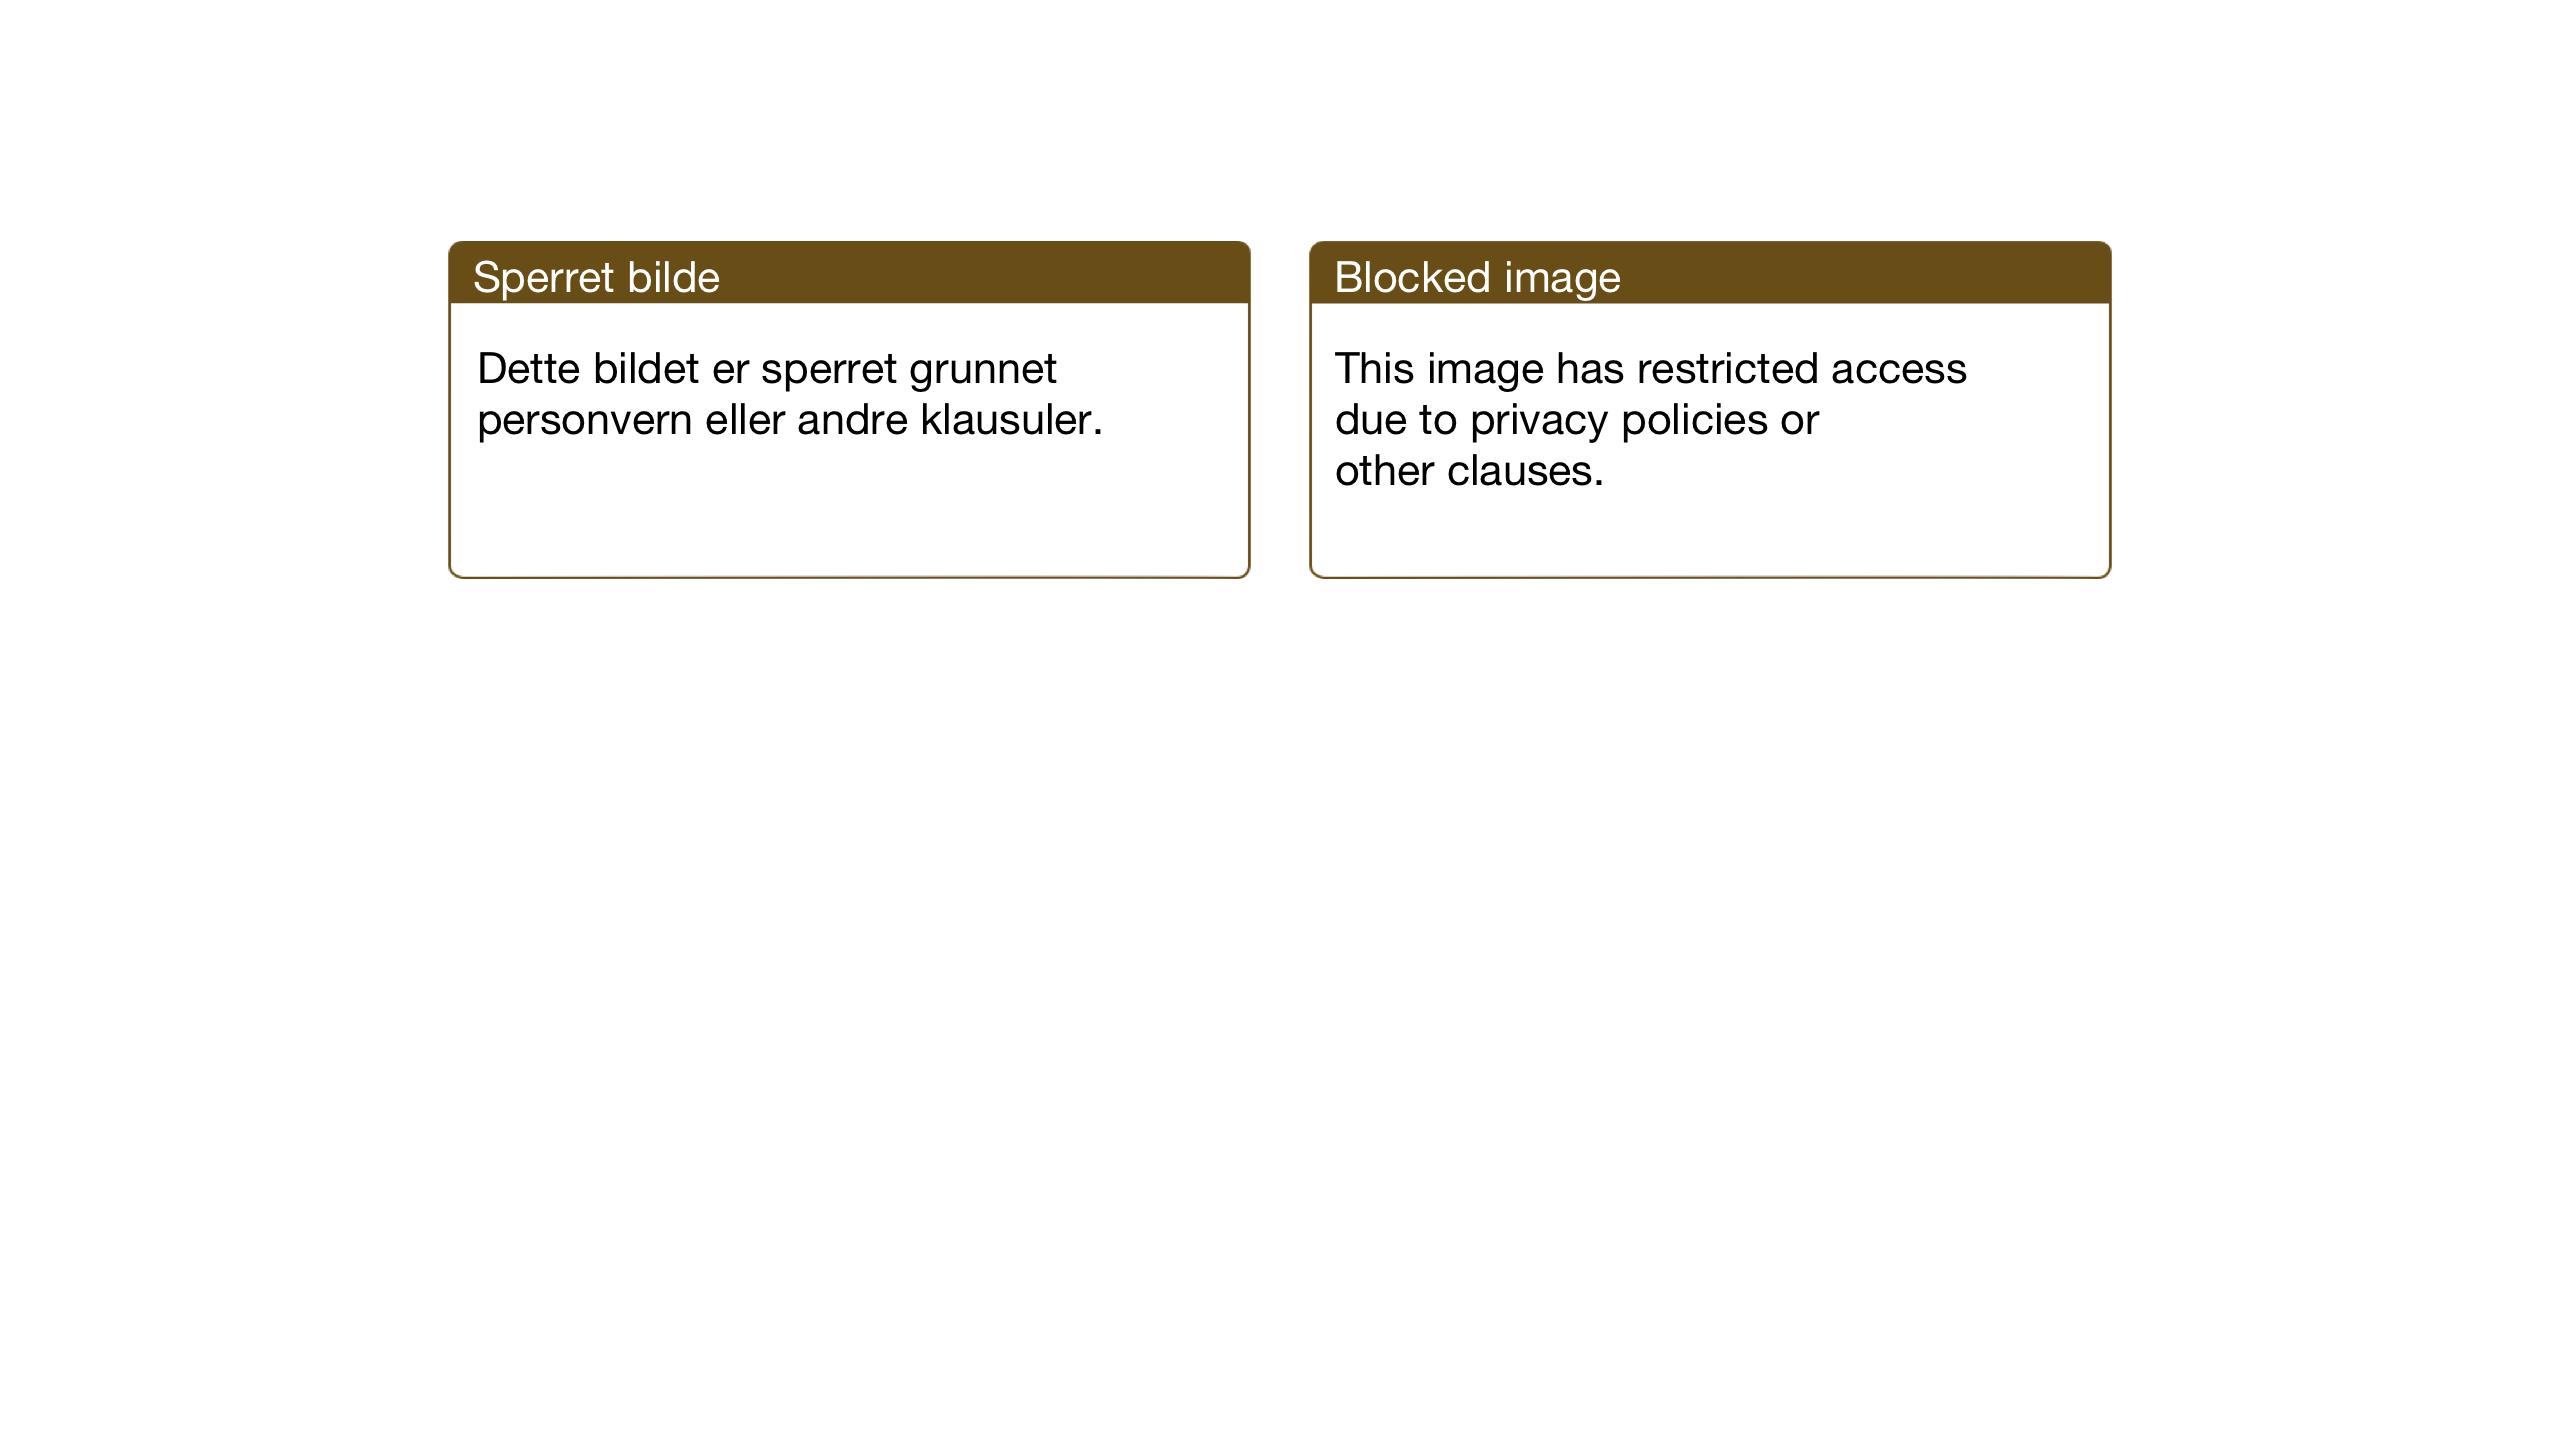 SAT, Ministerialprotokoller, klokkerbøker og fødselsregistre - Sør-Trøndelag, 604/L0228: Klokkerbok nr. 604C11, 1928-1950, s. 125